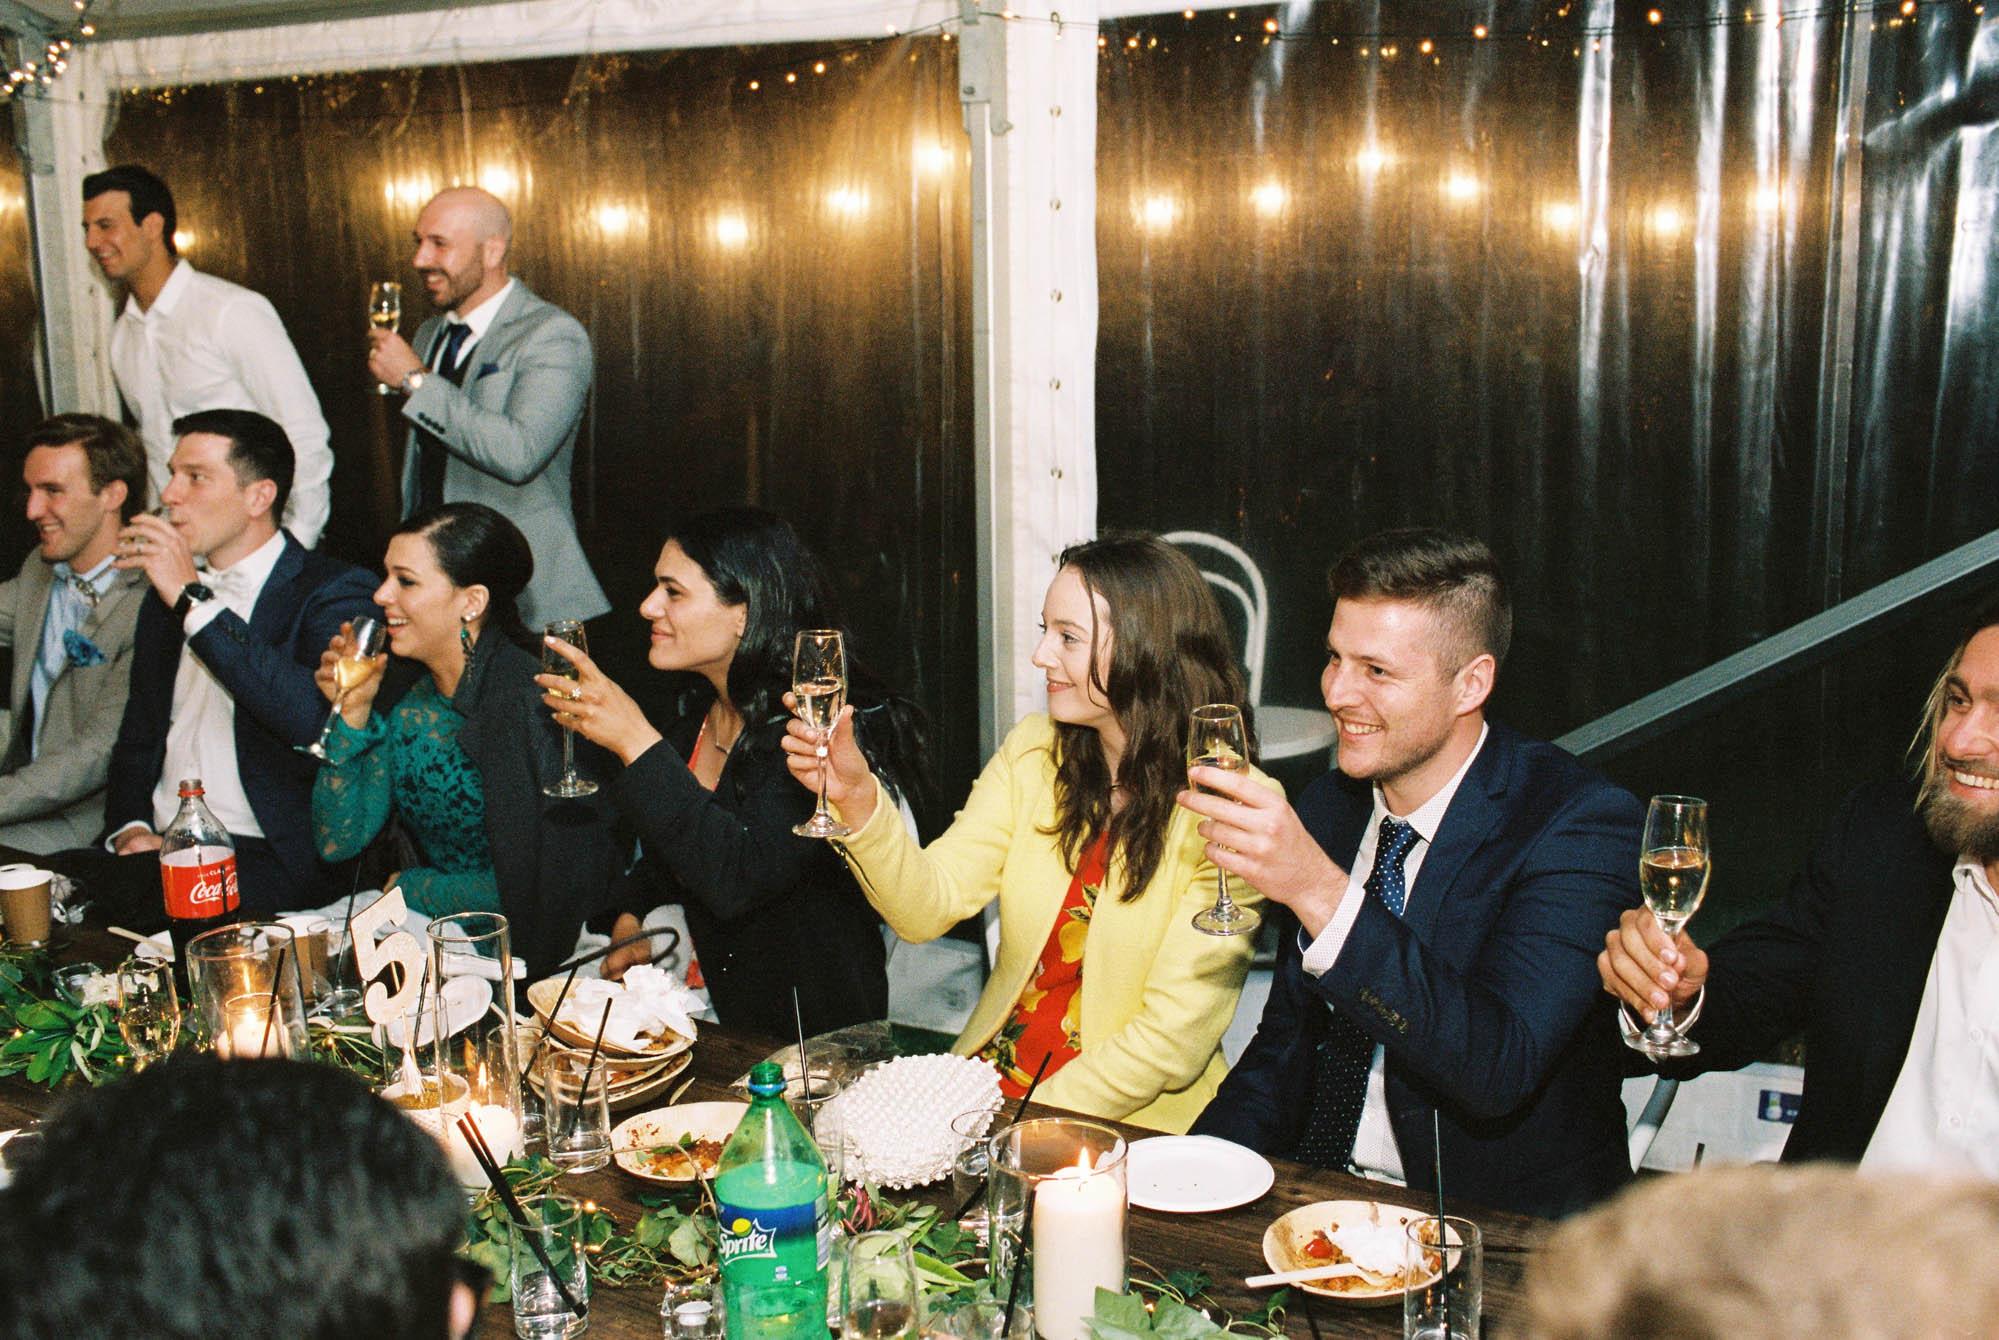 Whitehouse-hahndorf-wedding-photography-110.jpg